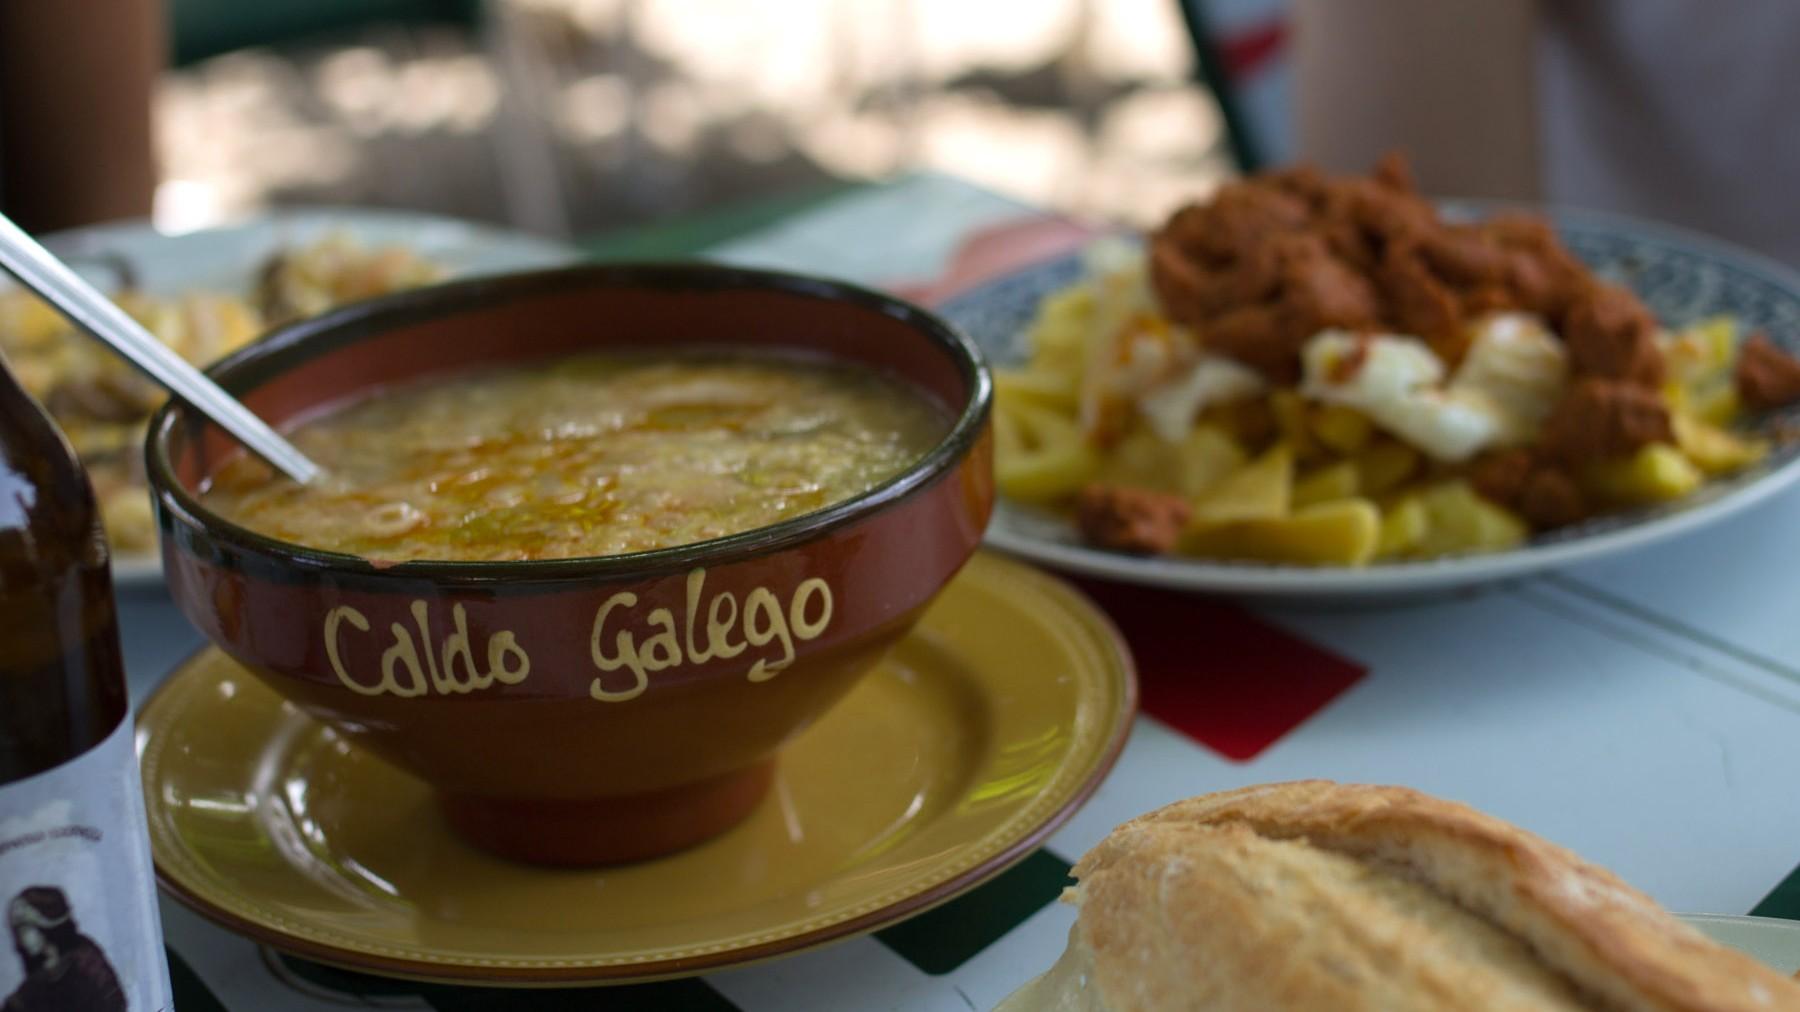 elcamino_caldo gallego soup-casa tia dolores